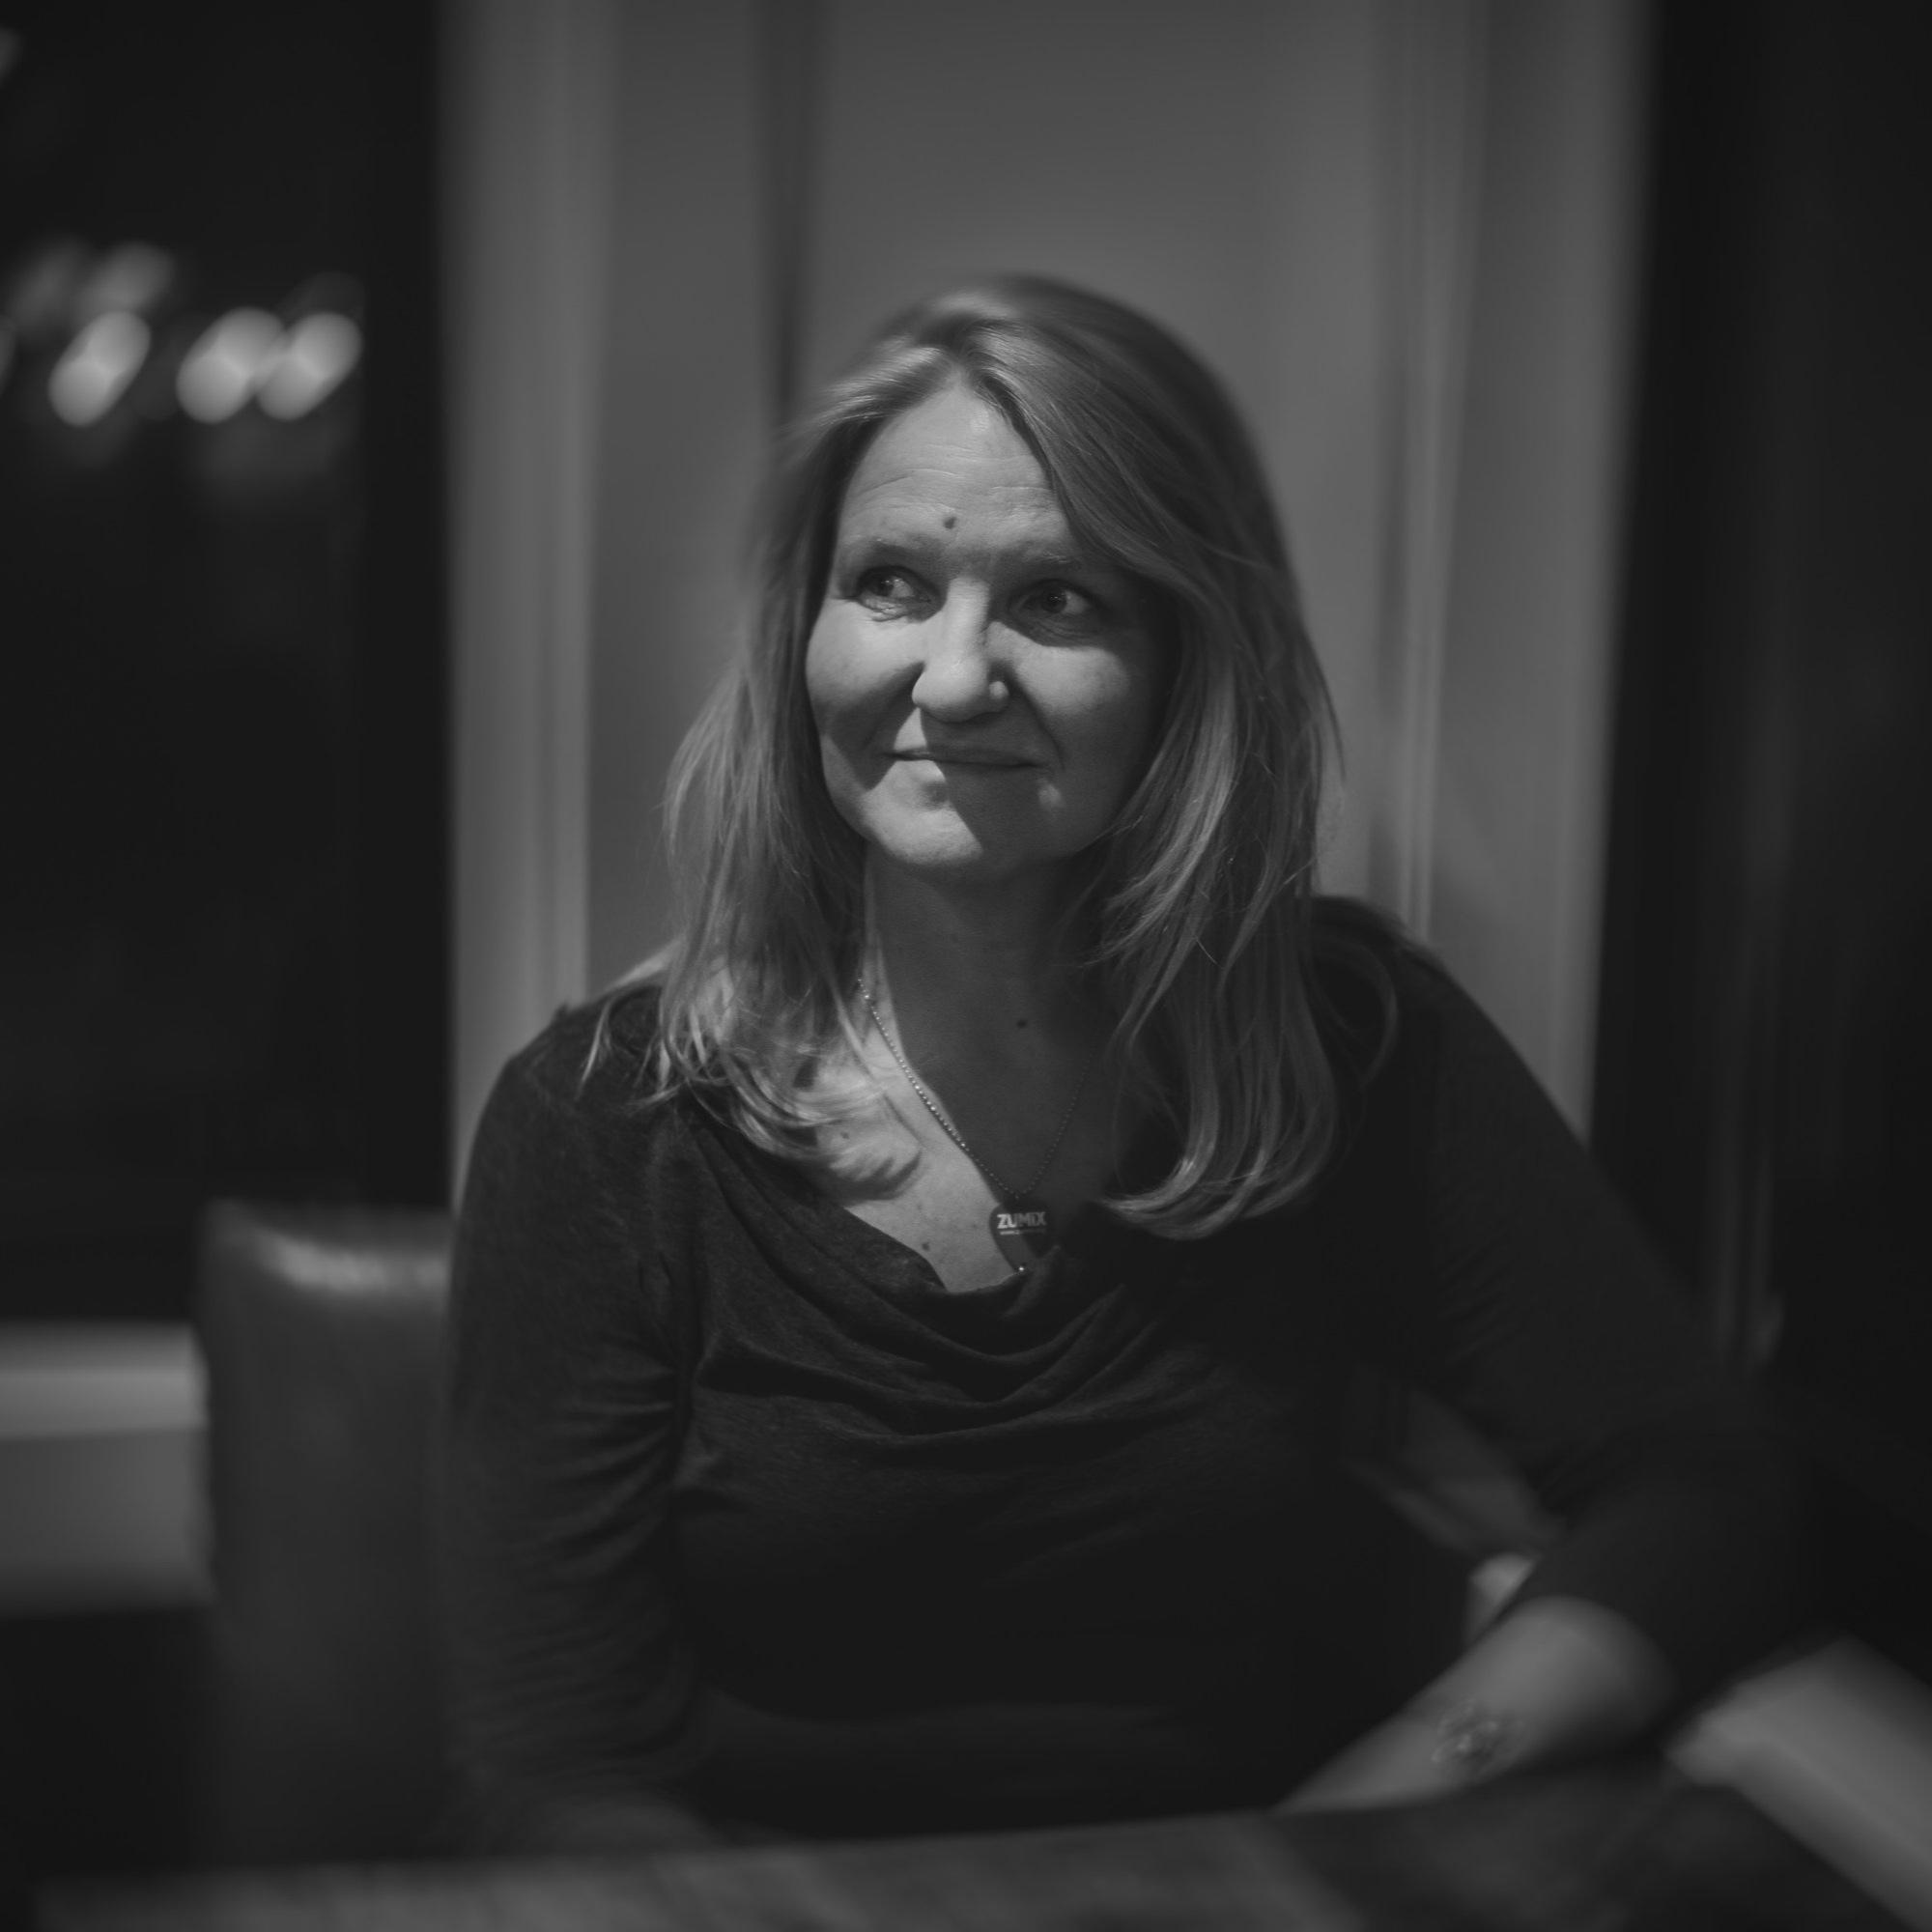 Madeleine Steczynski - ZUMIX